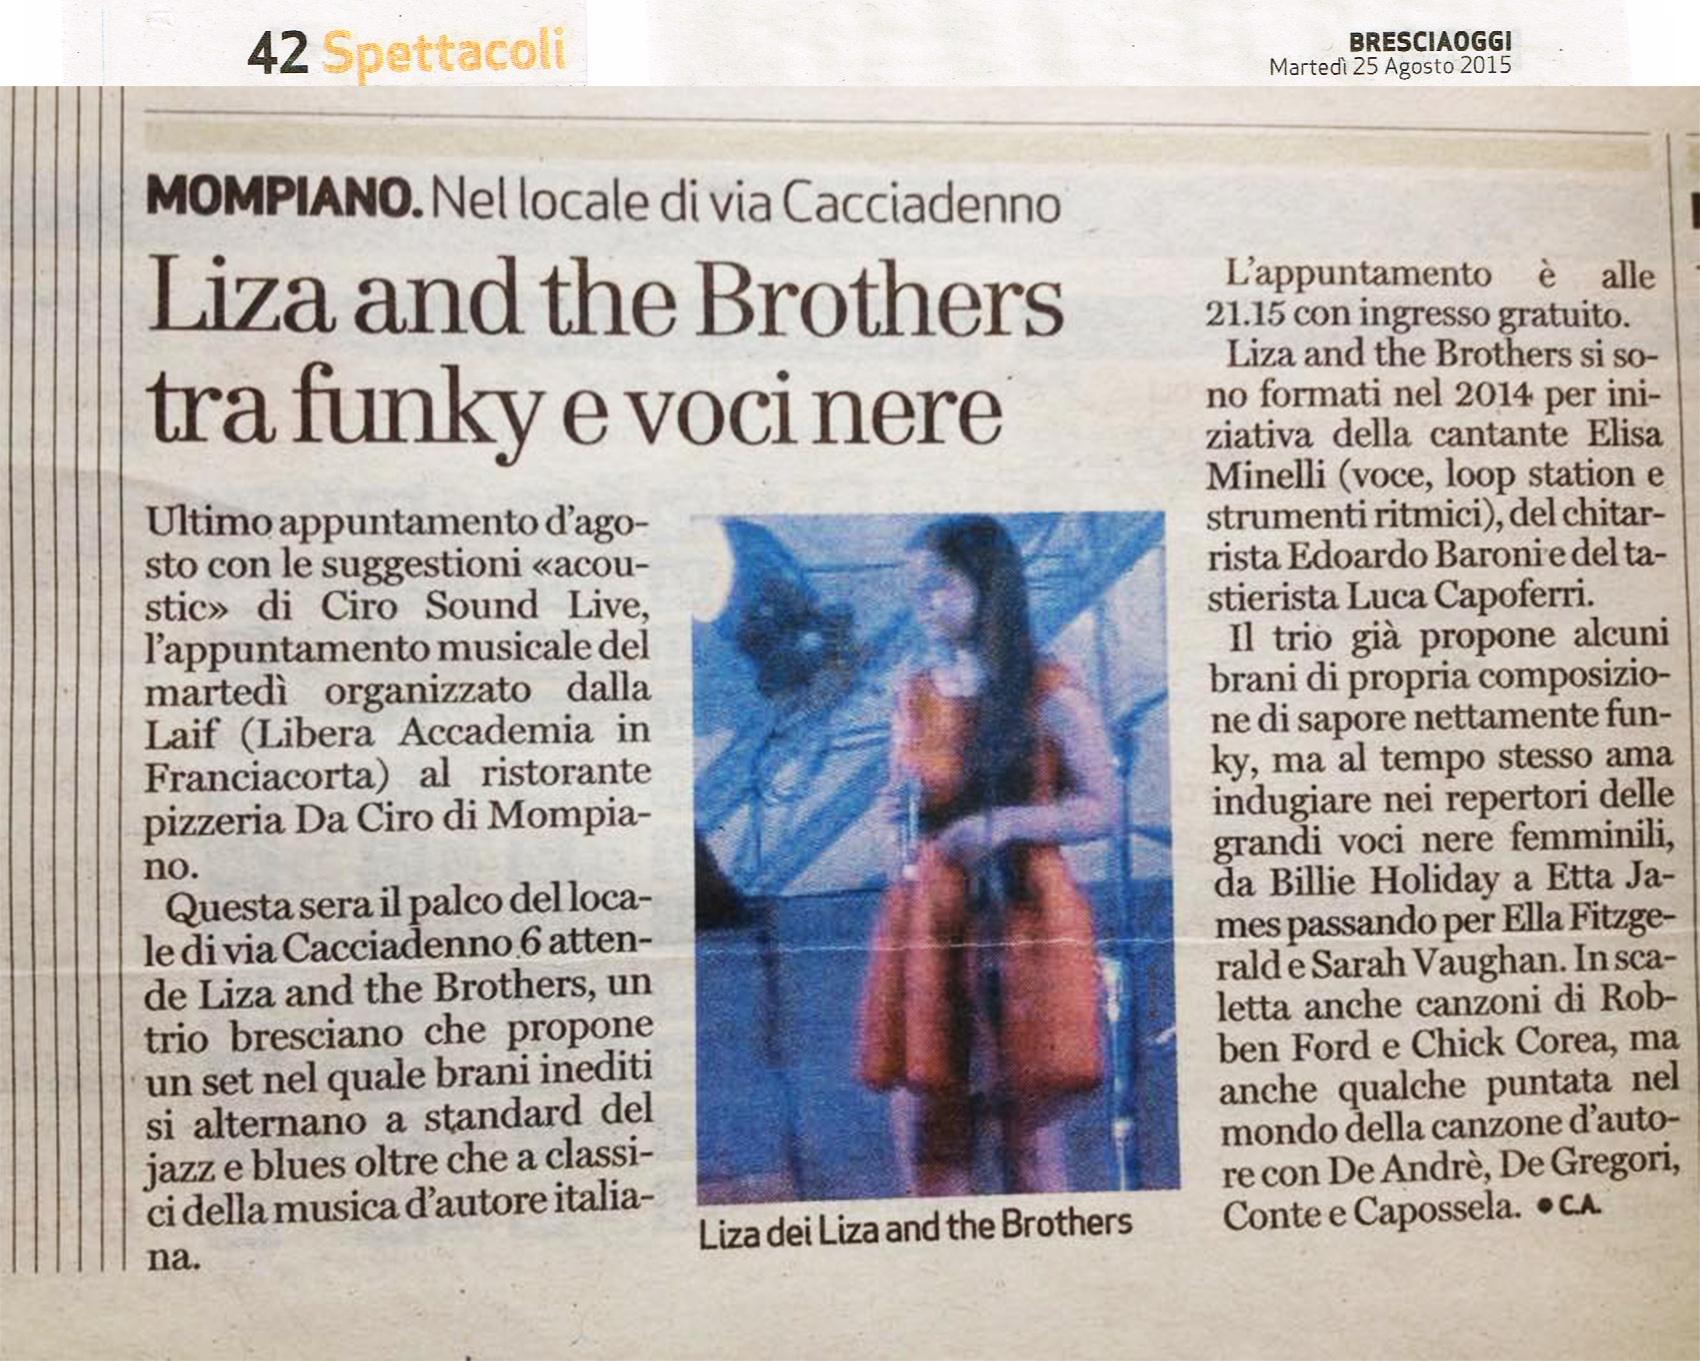 Bresciaoggi - Liza & The Brothers